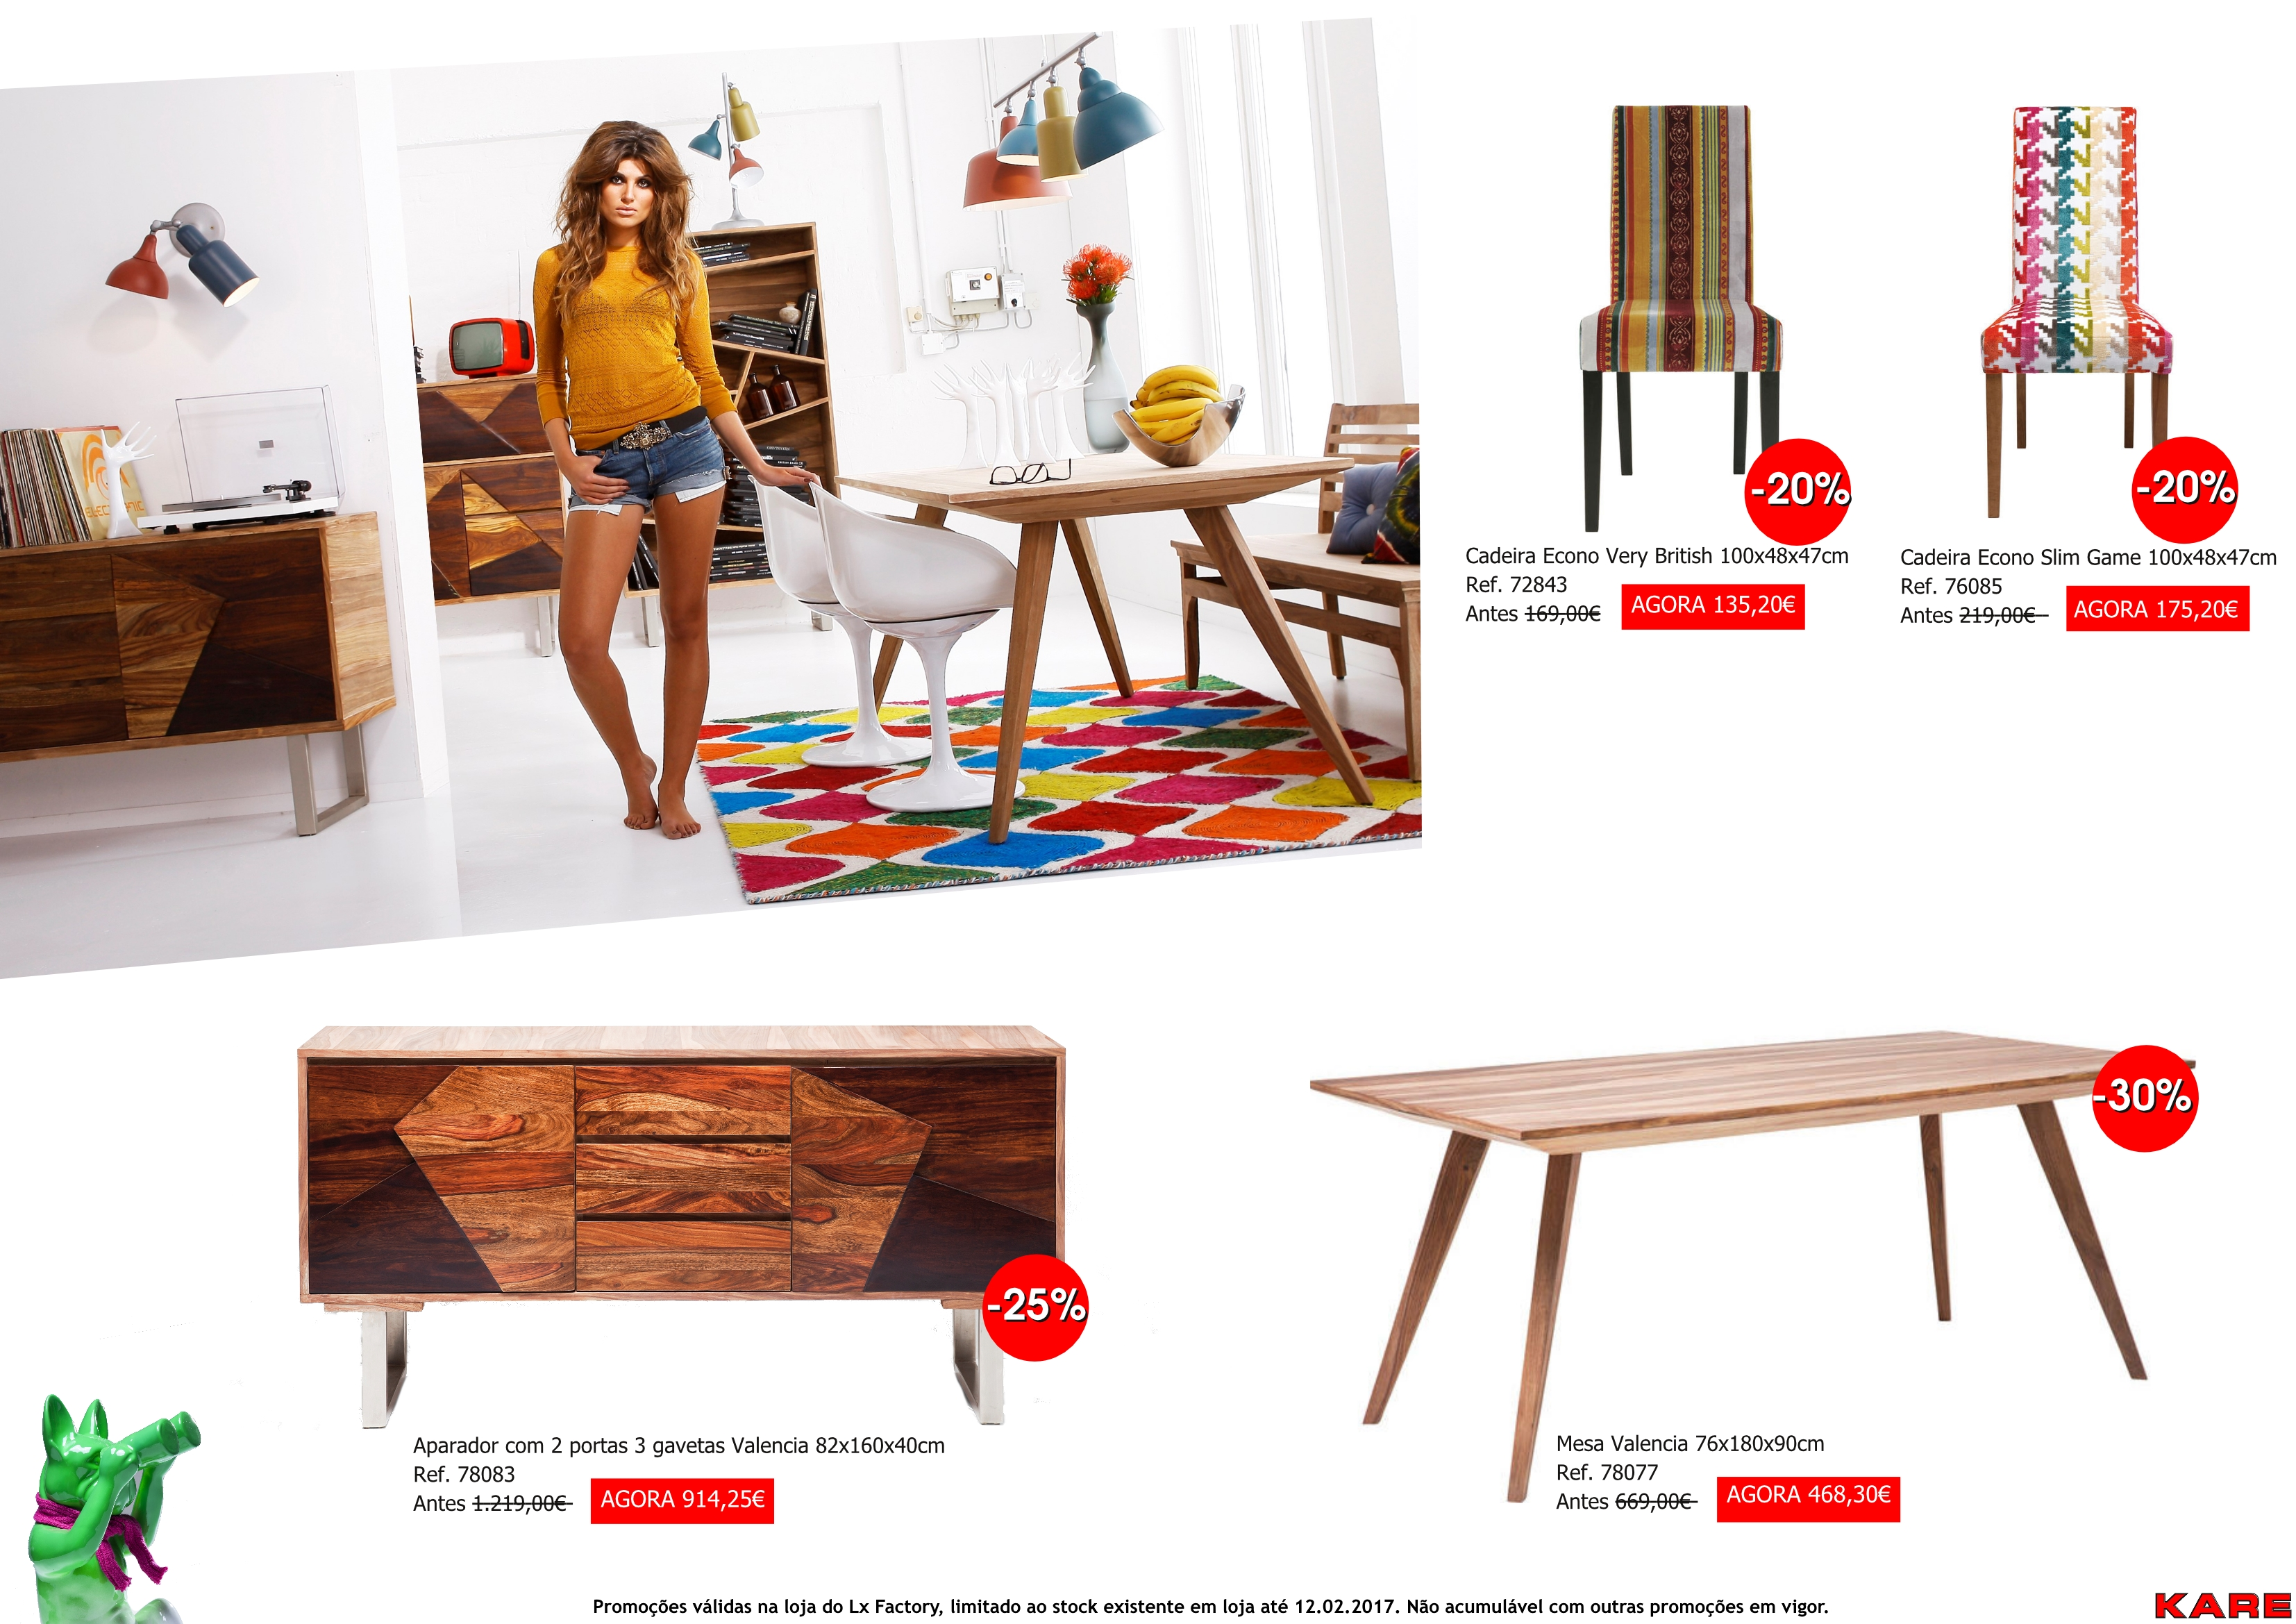 Promoções - cadeiras e mesa valencia